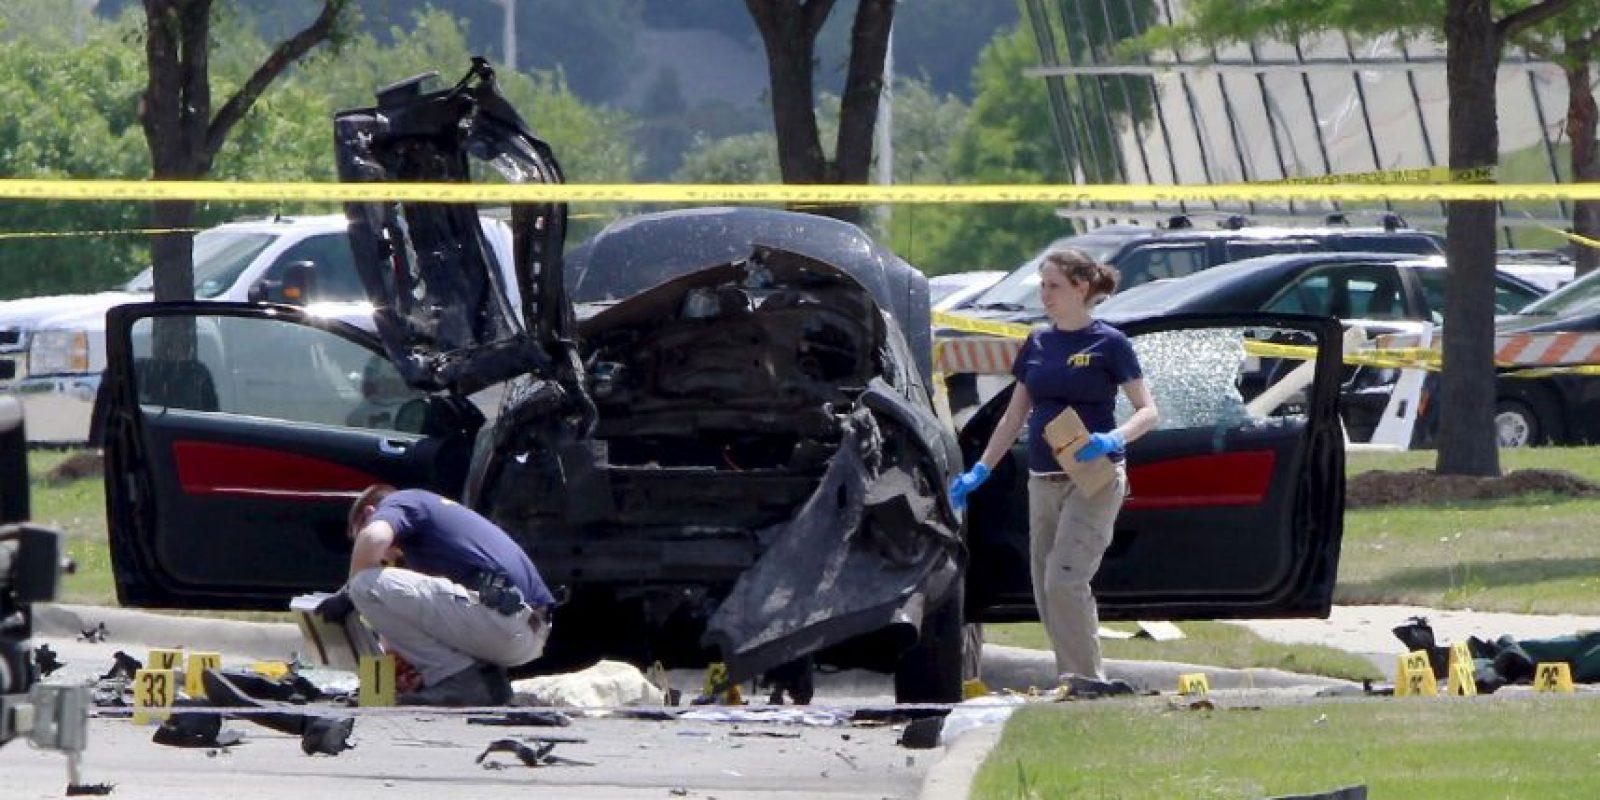 Policías investigan la escena del tiroteo en Texas Foto:AFP